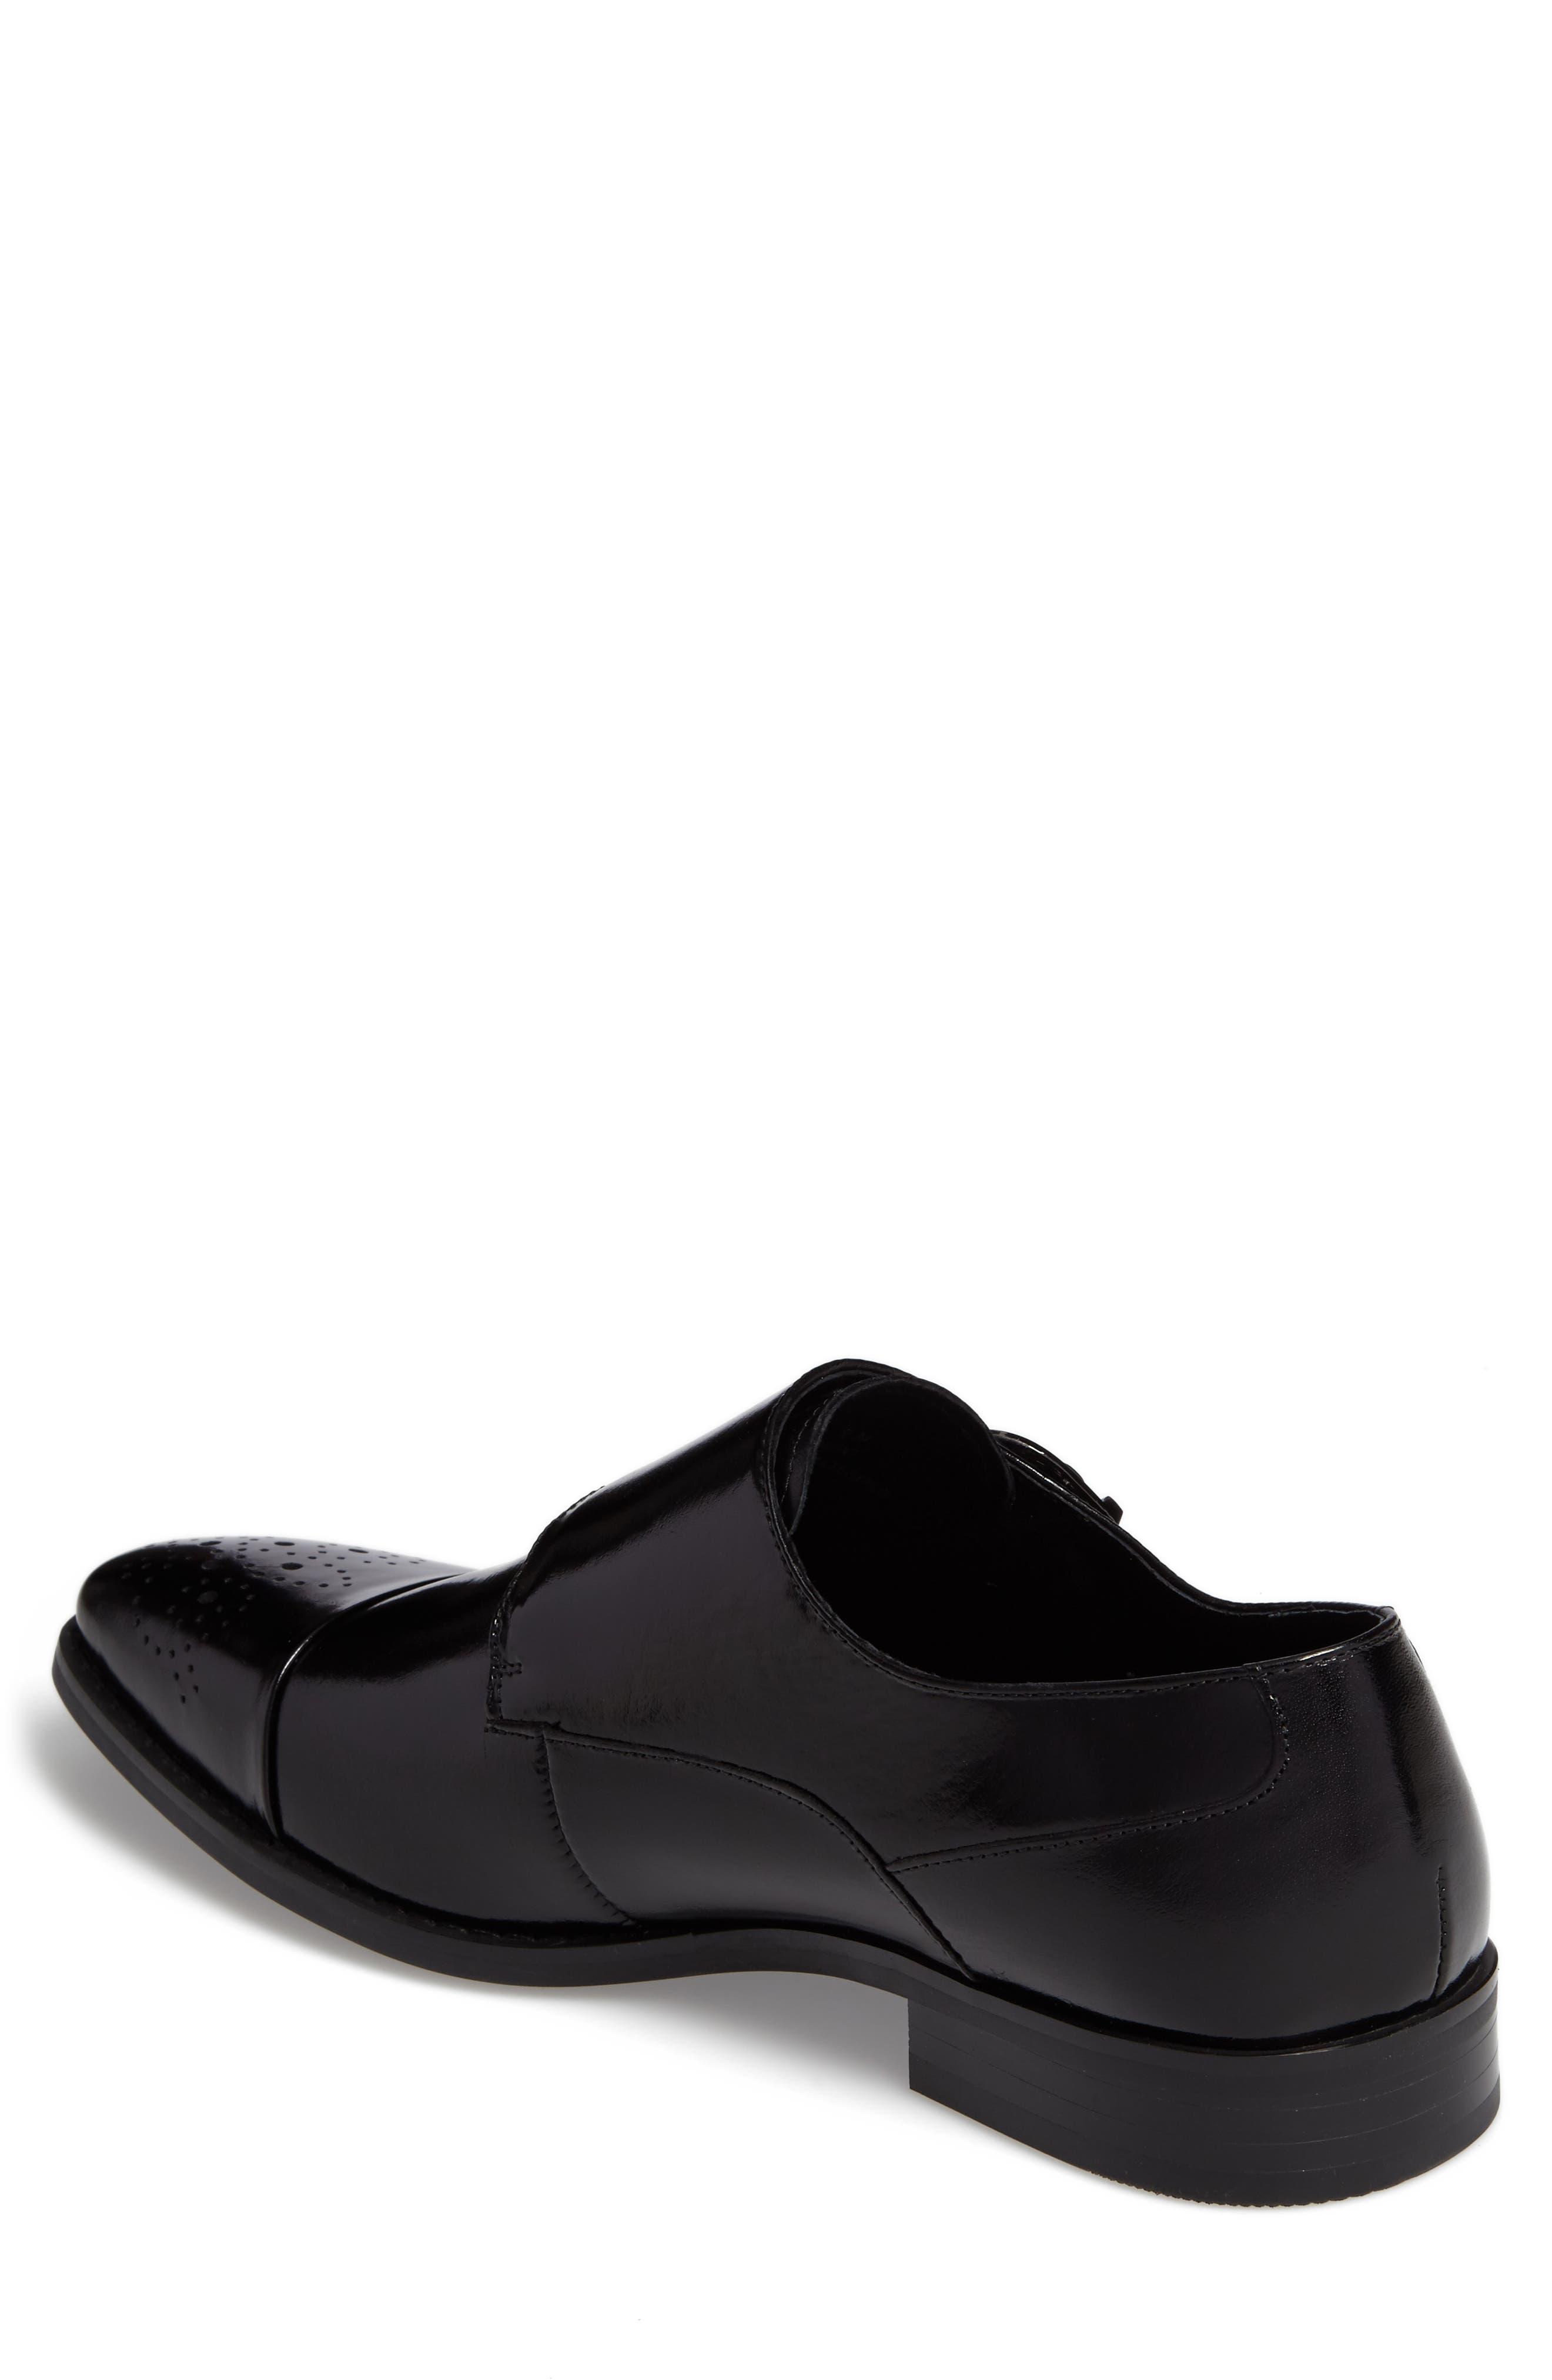 Trevor Double Monk Strap Shoe,                             Alternate thumbnail 2, color,                             001